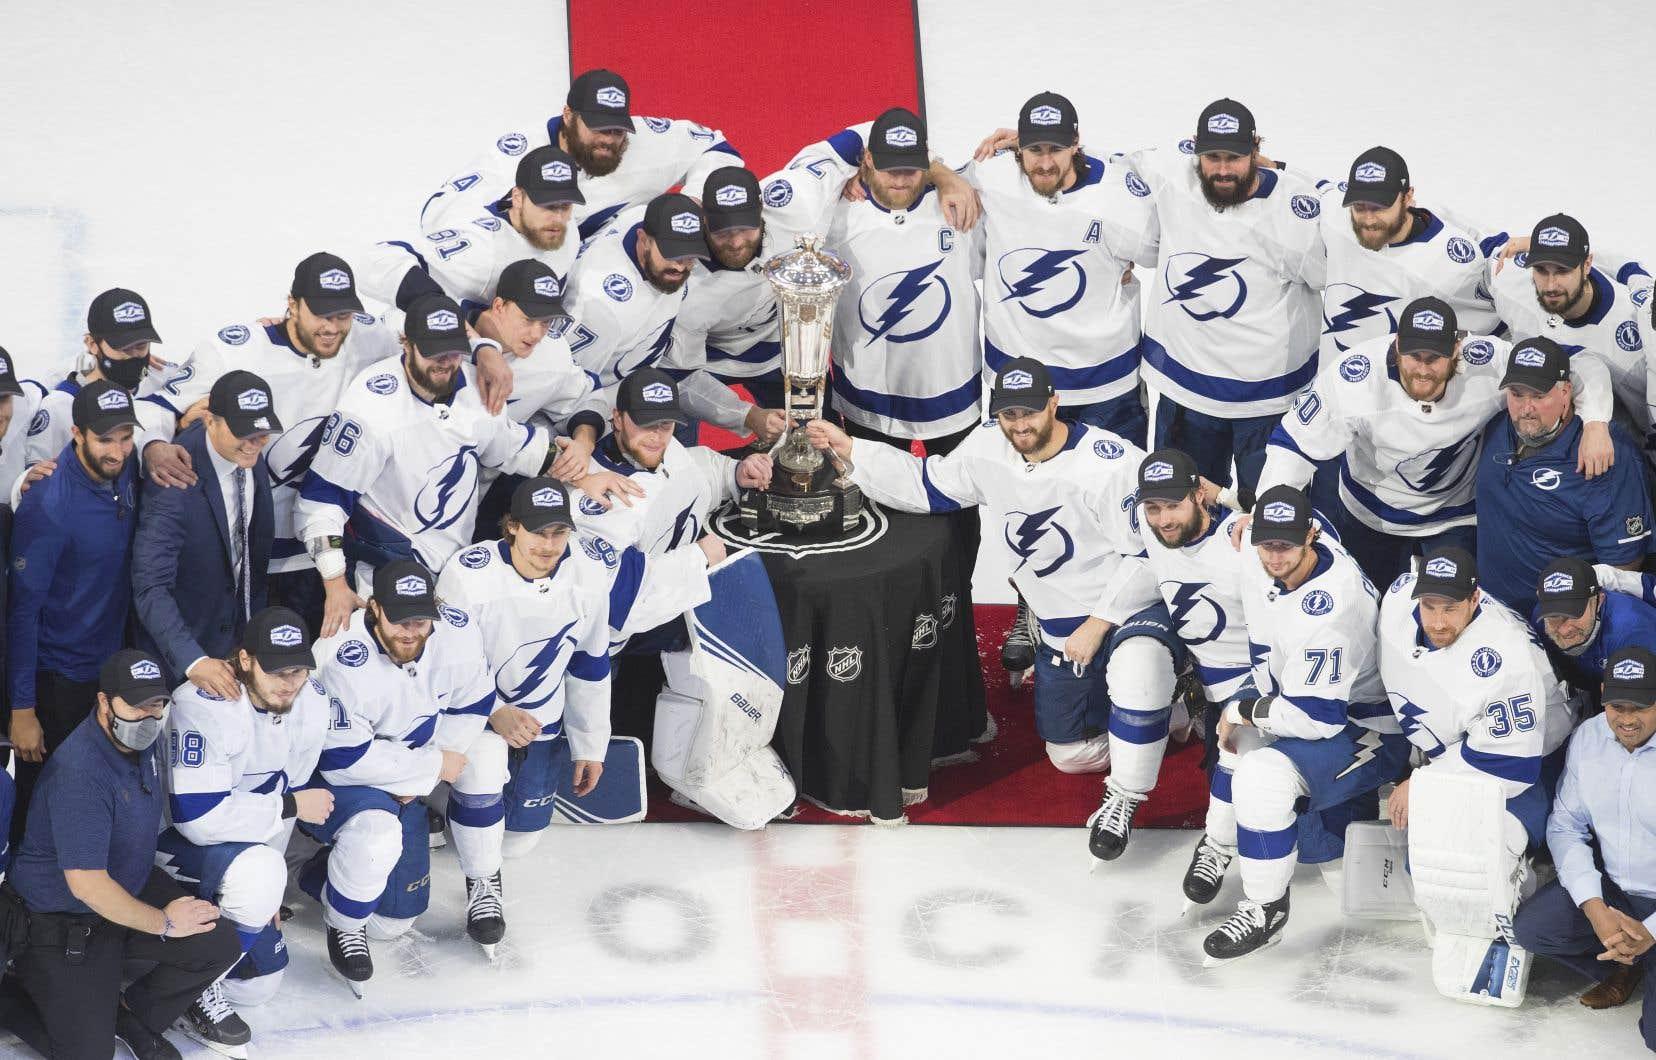 Le Lightning de Tampa Bay en compagnie dutrophée Prince de Galles remis au champion de la finale de l'Association de l'Est.